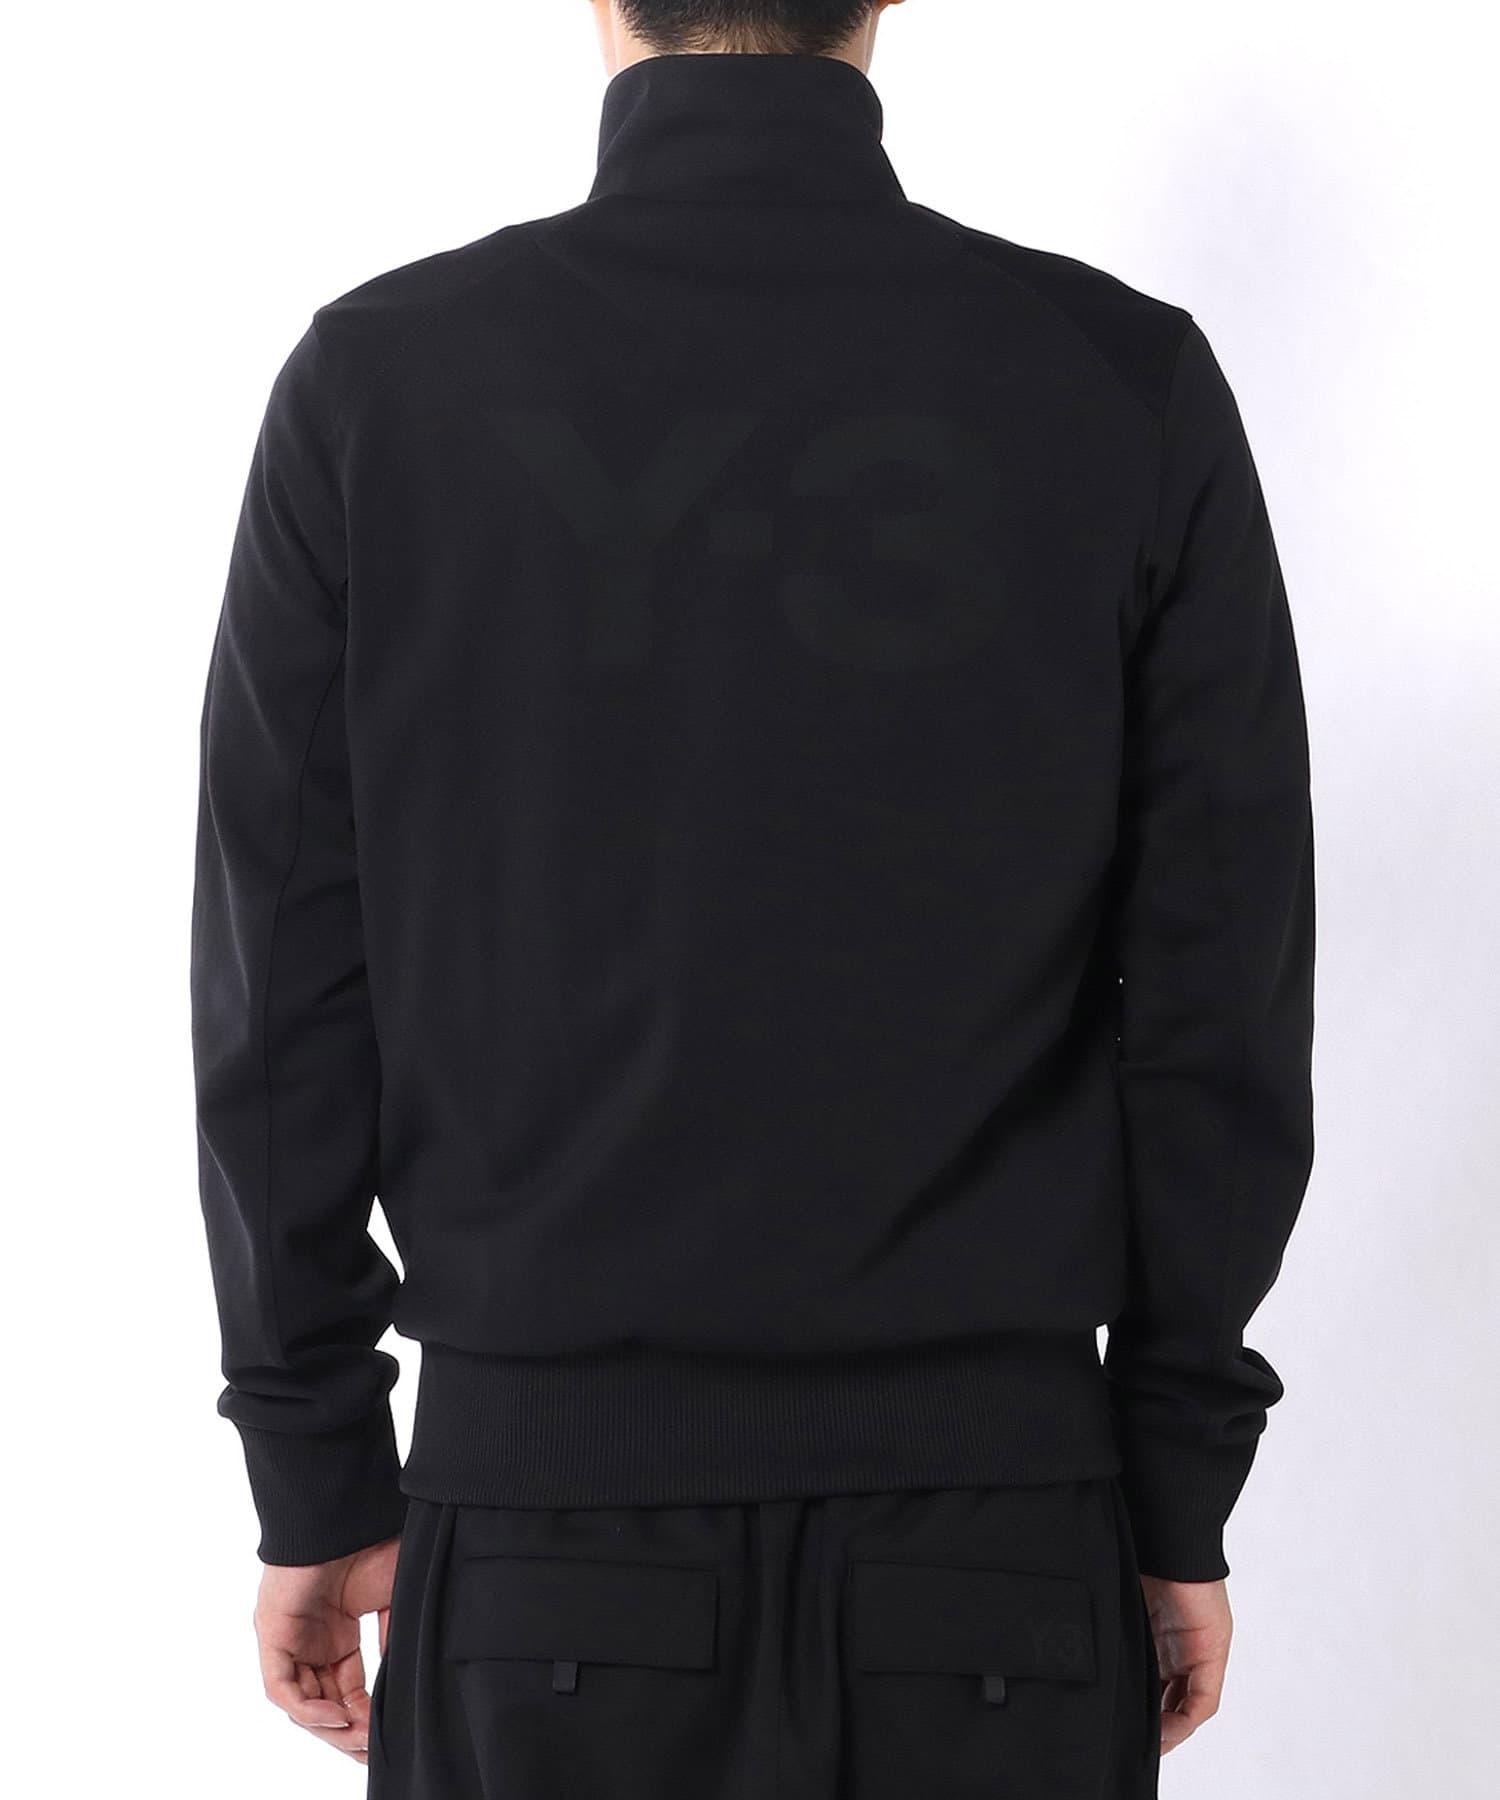 Lui's(ルイス) メンズ 【Y-3】M CLASSIC TRACK JACKET ブラック